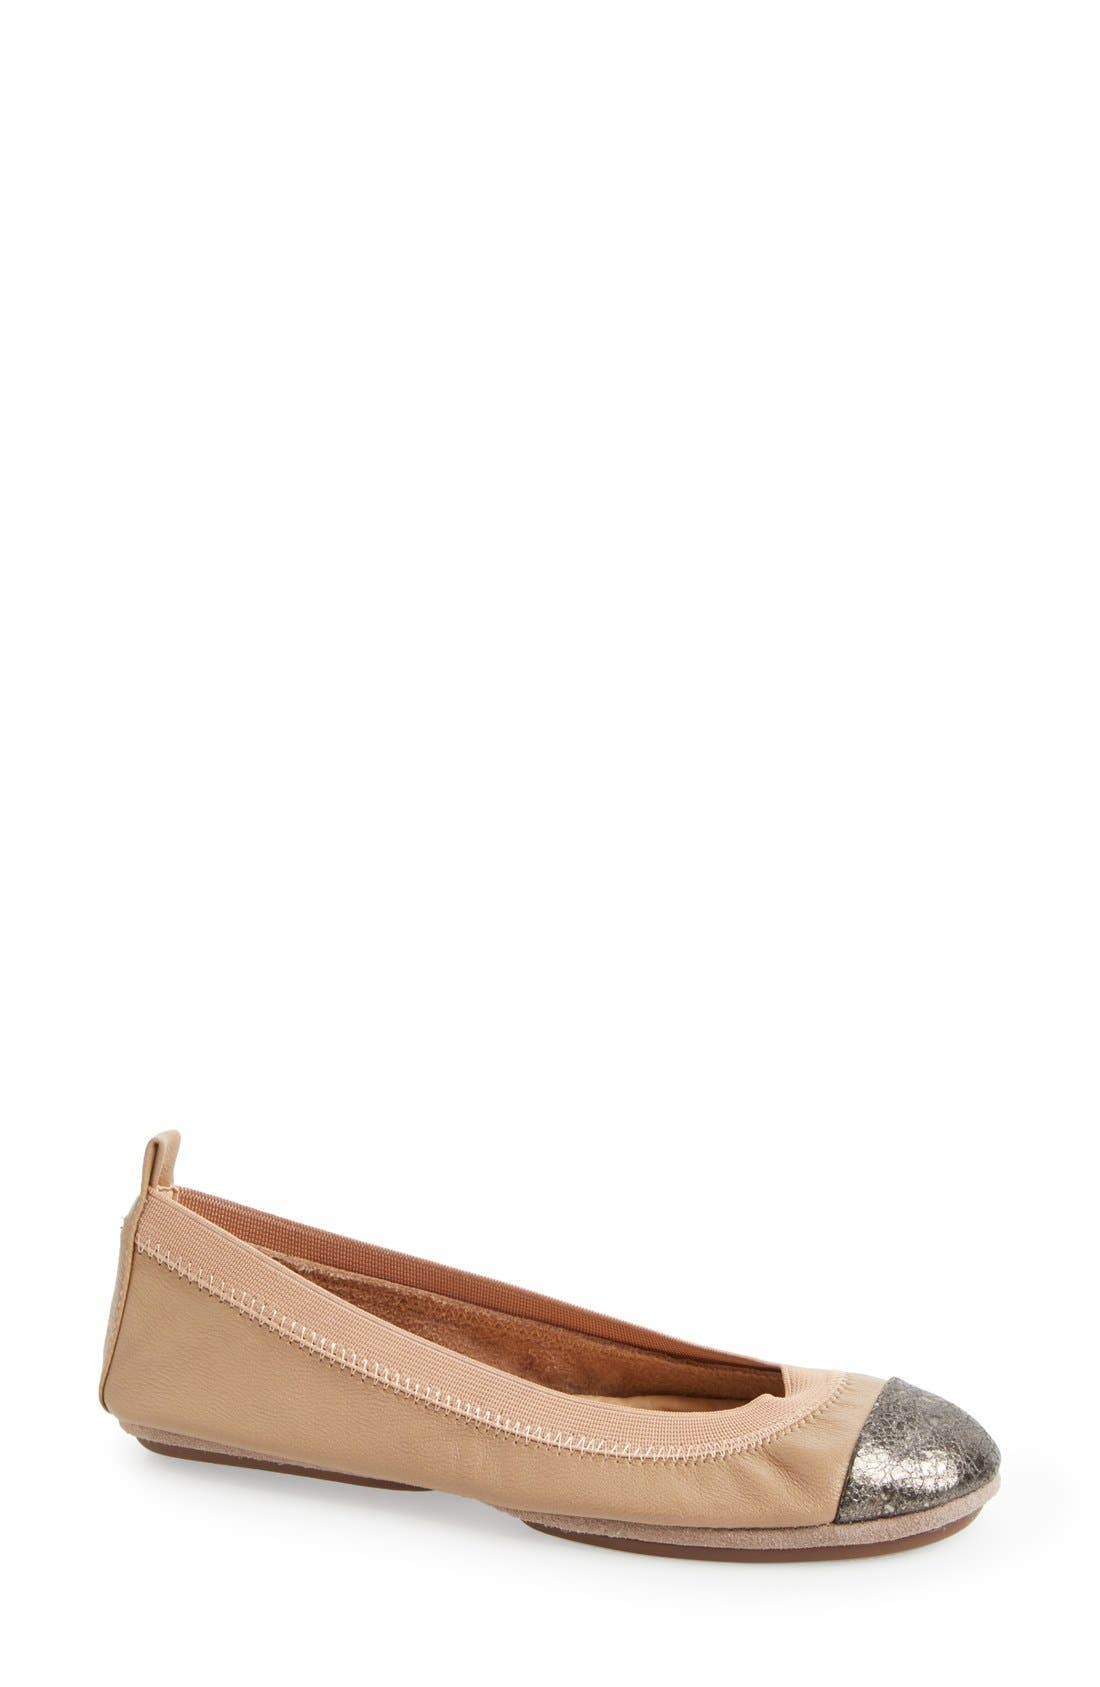 Main Image - Yosi Samra 'Samantha' Foldable Ballet Flat (Women)